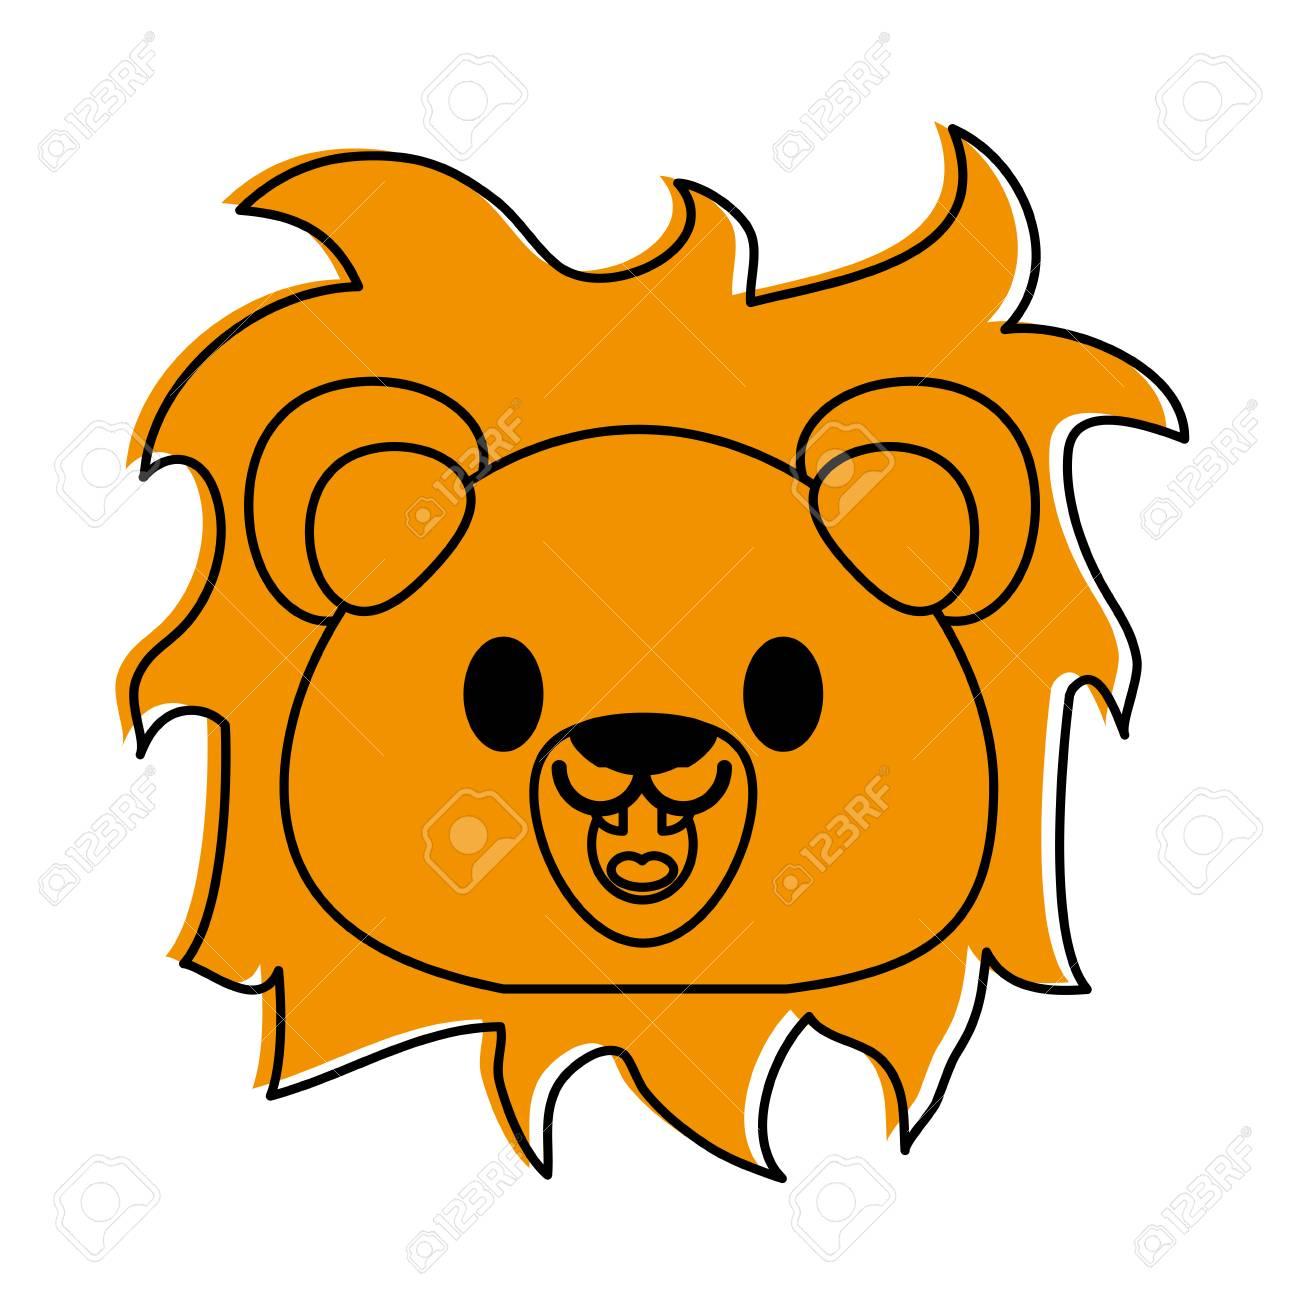 ライオンかわいい動物漫画アイコン画像ベクトル イラスト デザイン